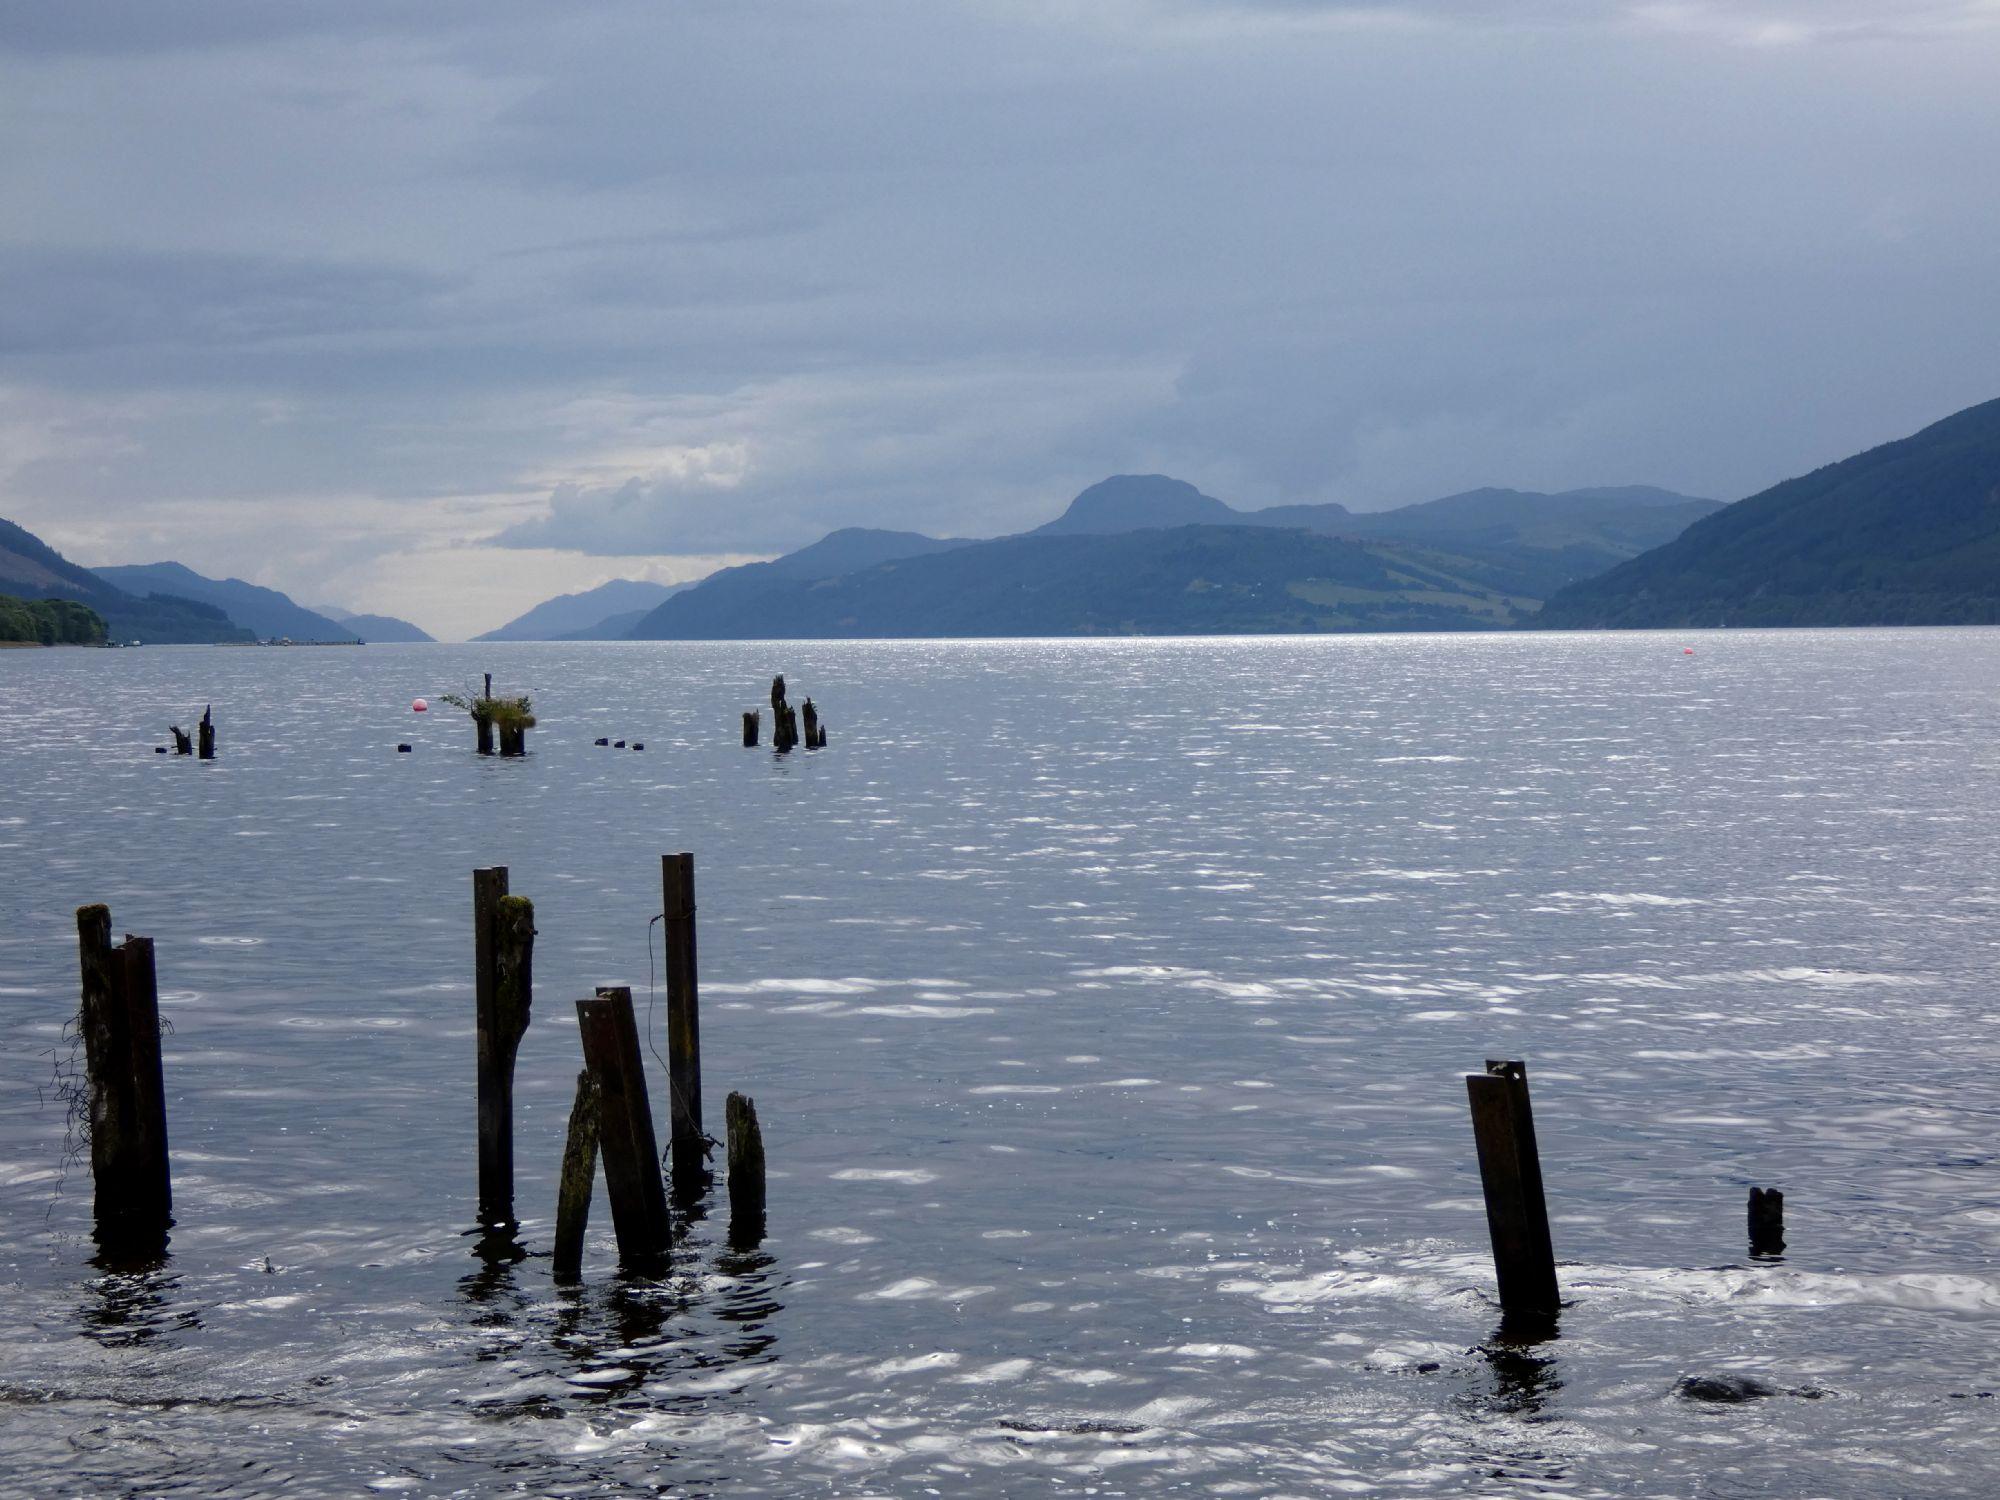 Calmness on Loch Ness